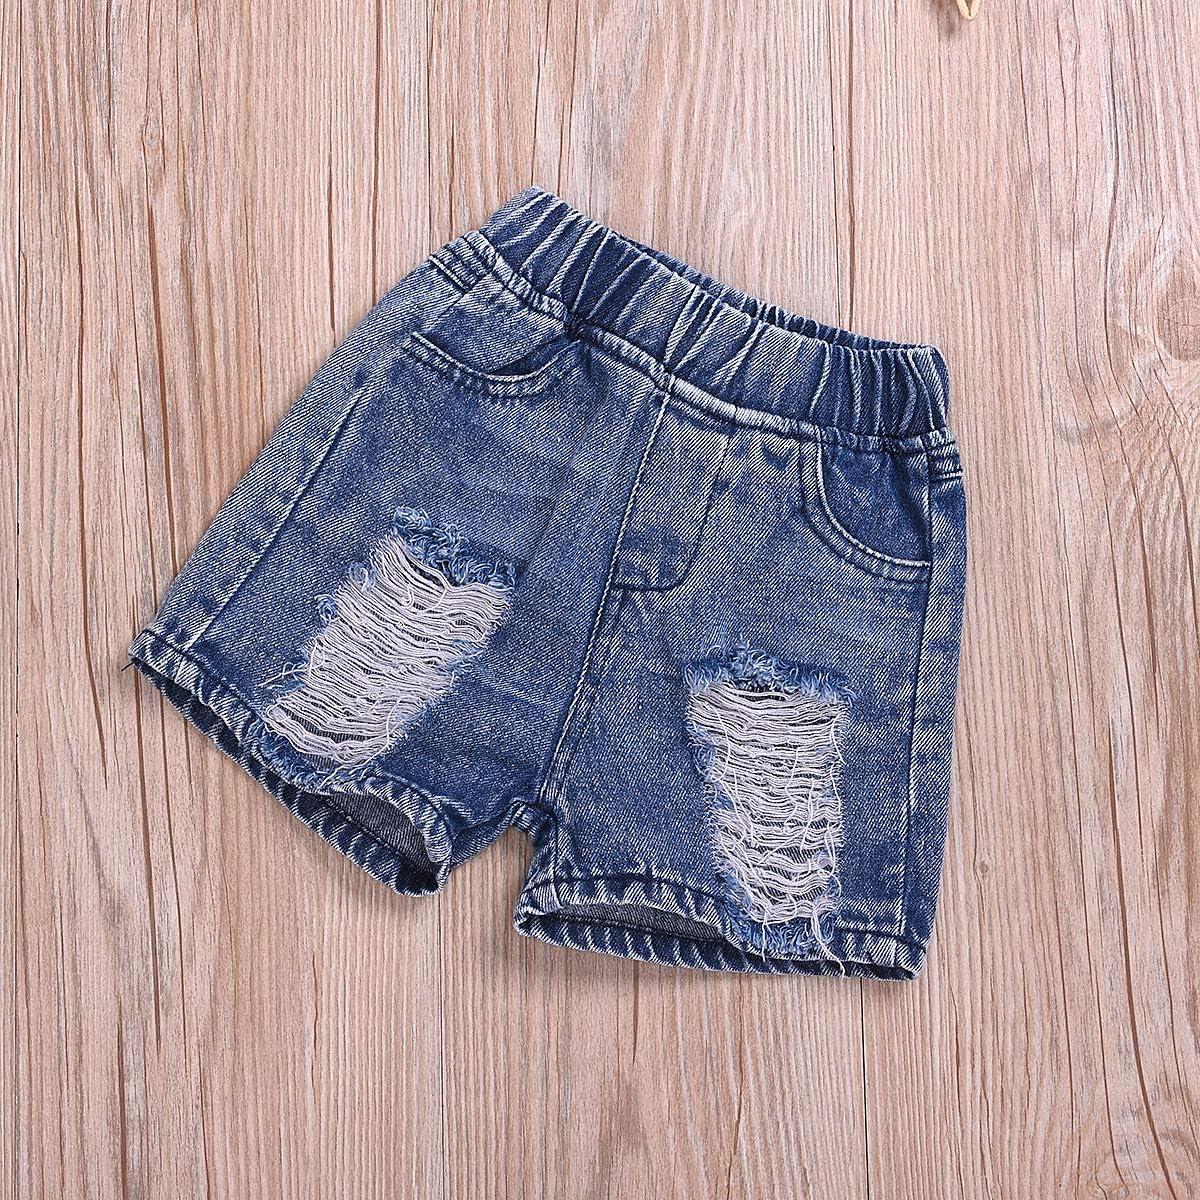 Pantaloni Set di Abbigliamento per Felpe con Cappuccio per Bambini Xuefoo Set di Vestiti mimetici per Neonato Daddys Boy Set di Felpe con Cappuccio per Bambini